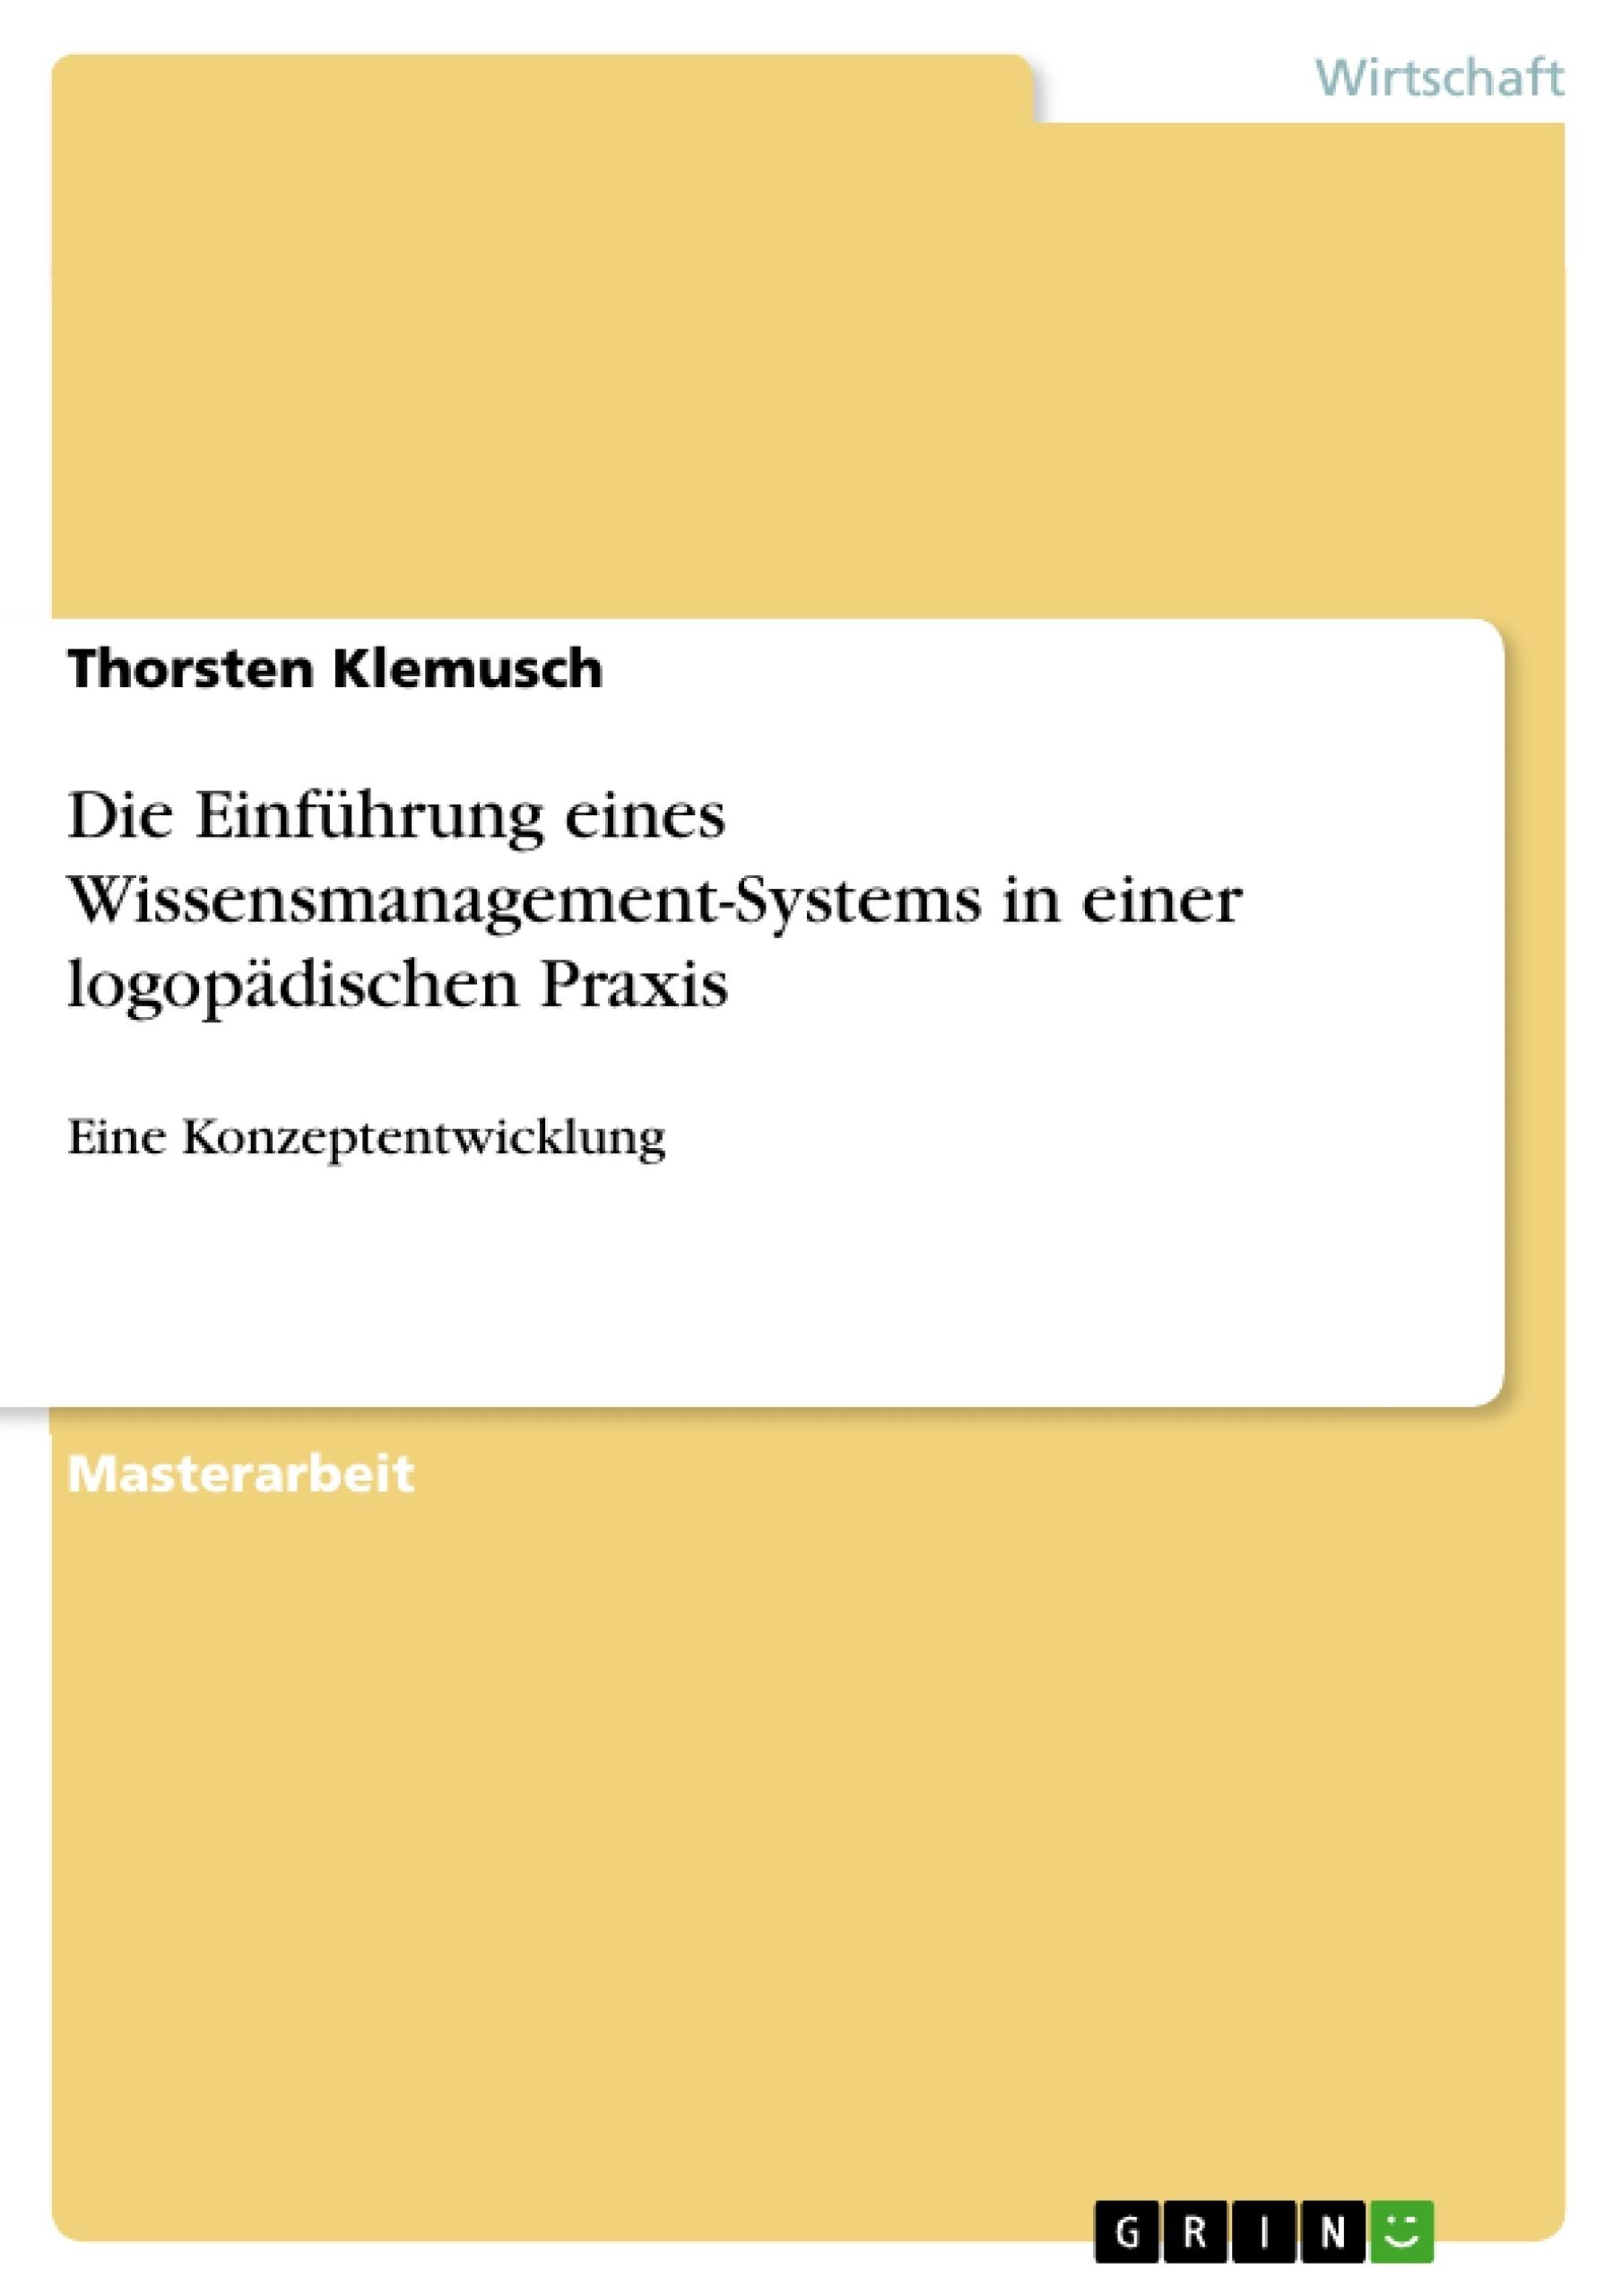 Titel: Die Einführung eines Wissensmanagement-Systems in einer logopädischen Praxis